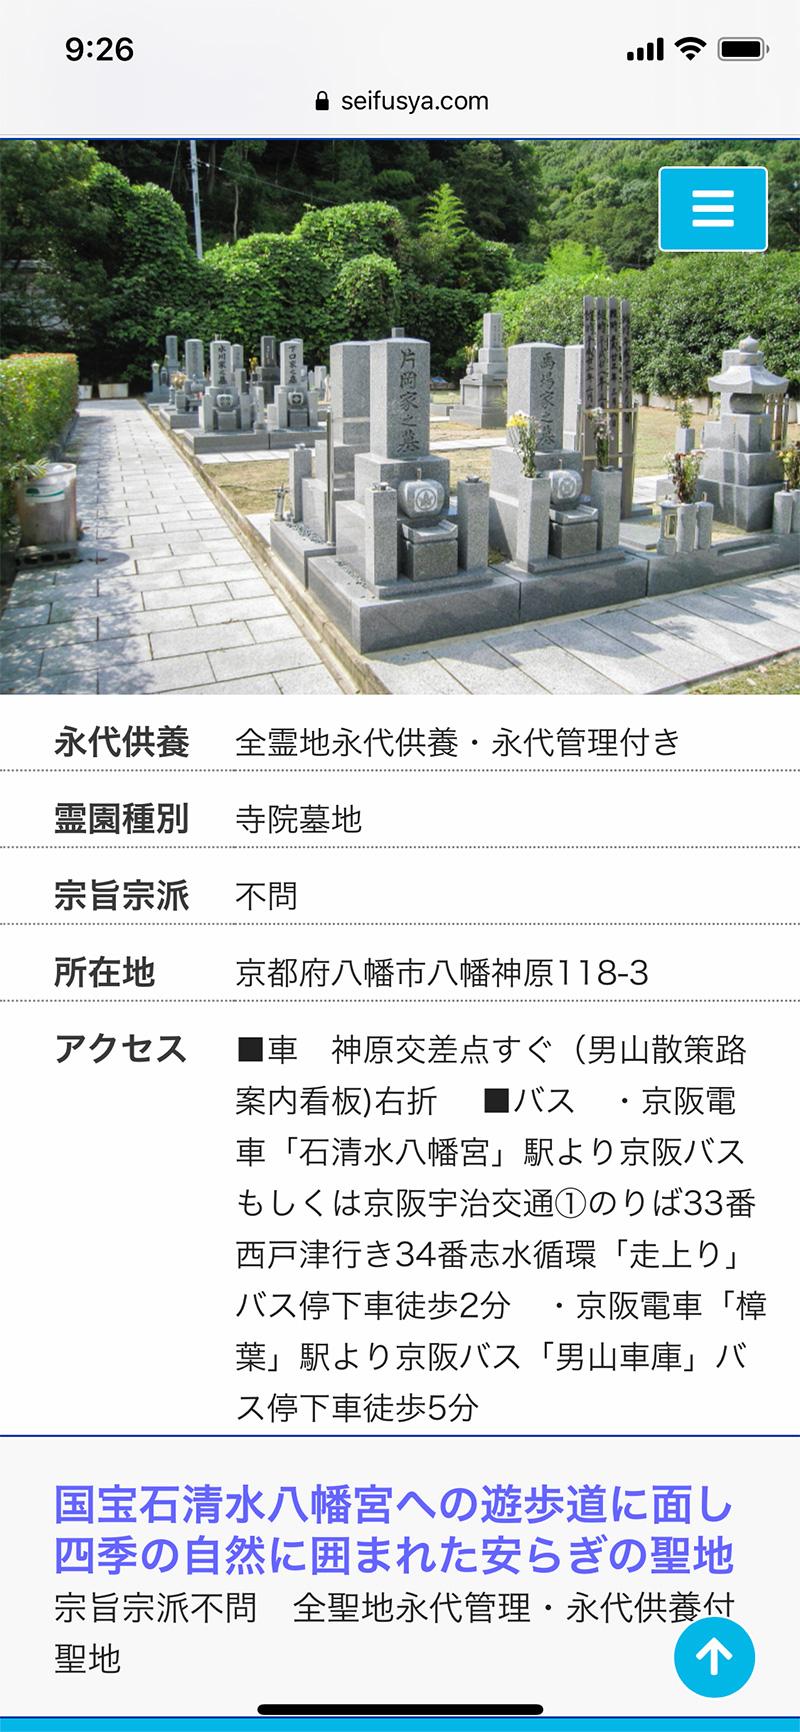 株式会社清風社_スマホサイト03